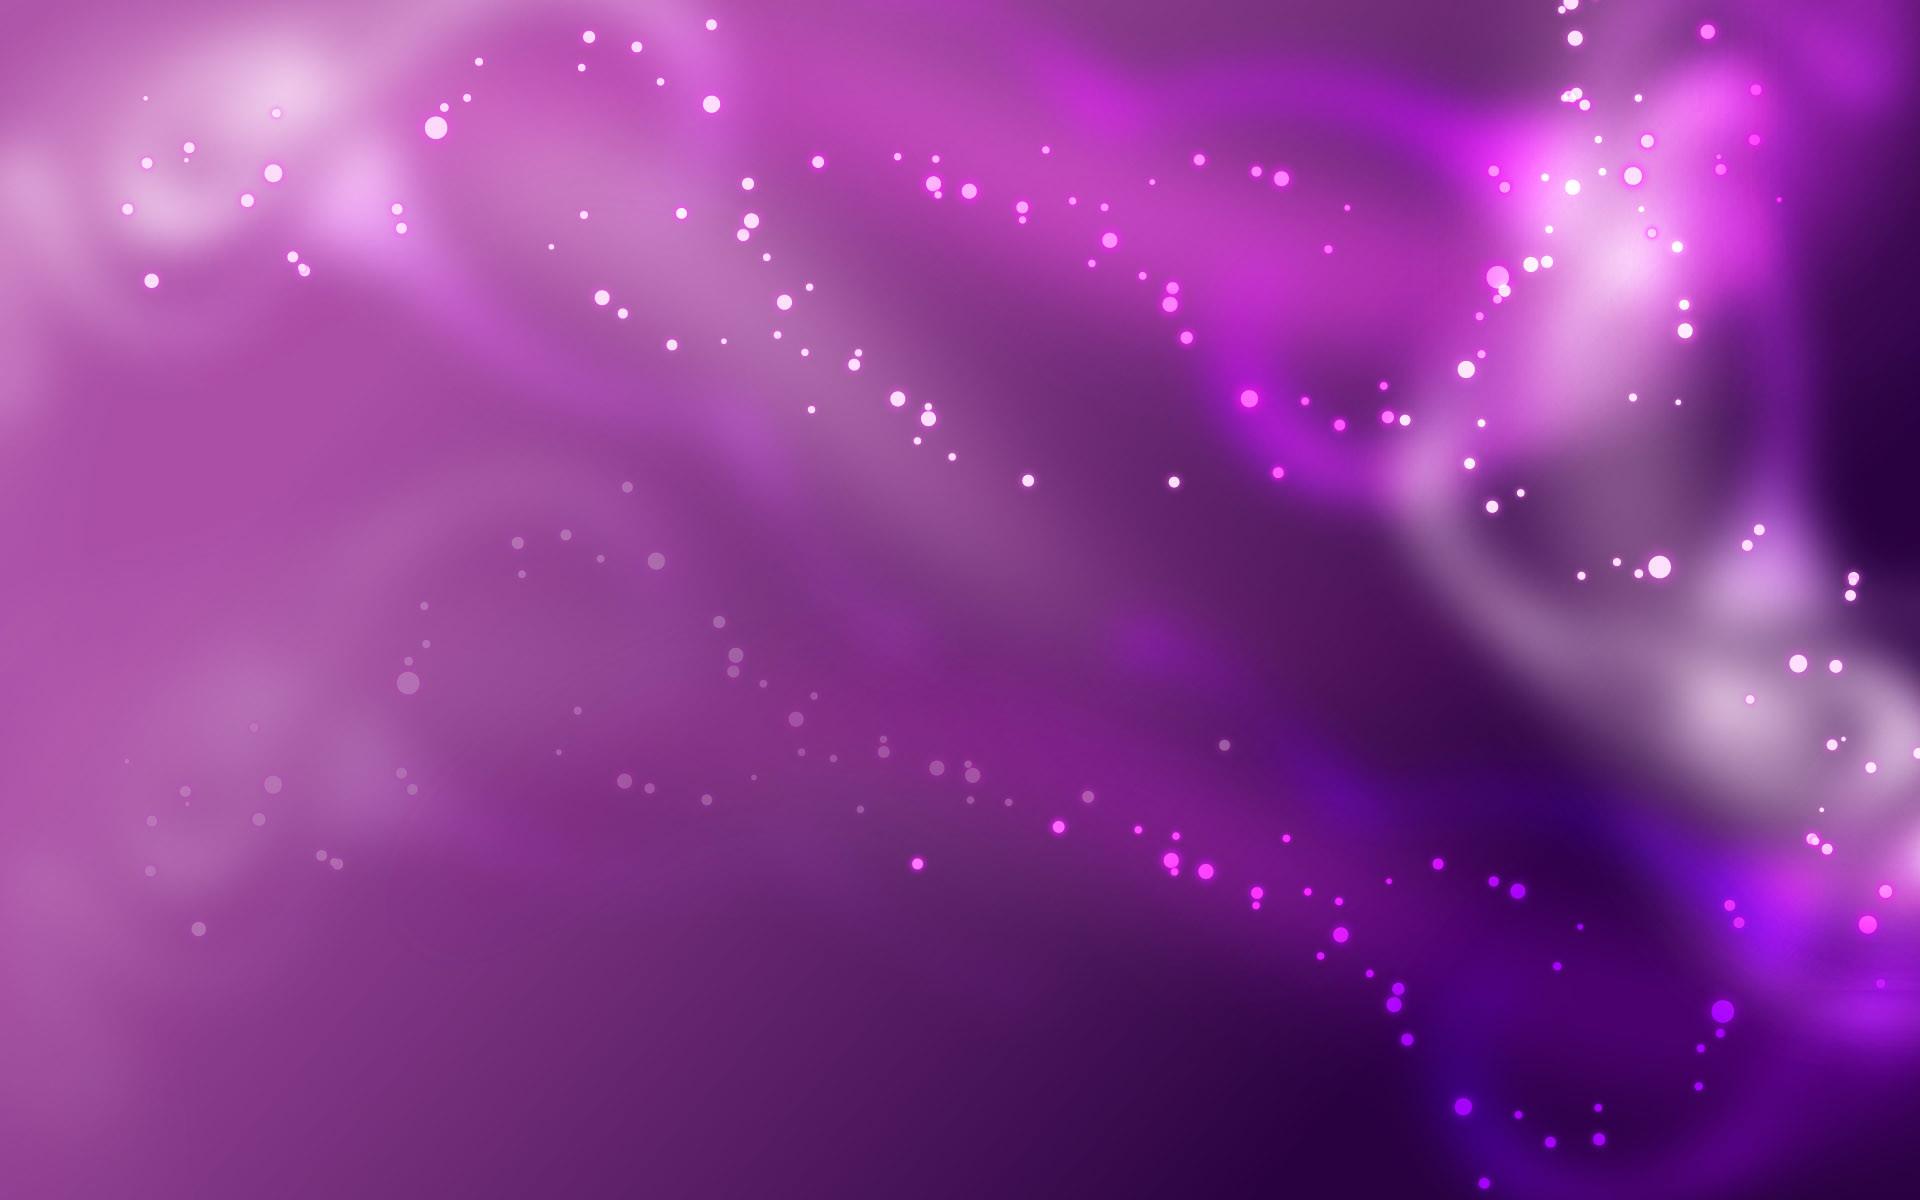 Purple wallpaper 11